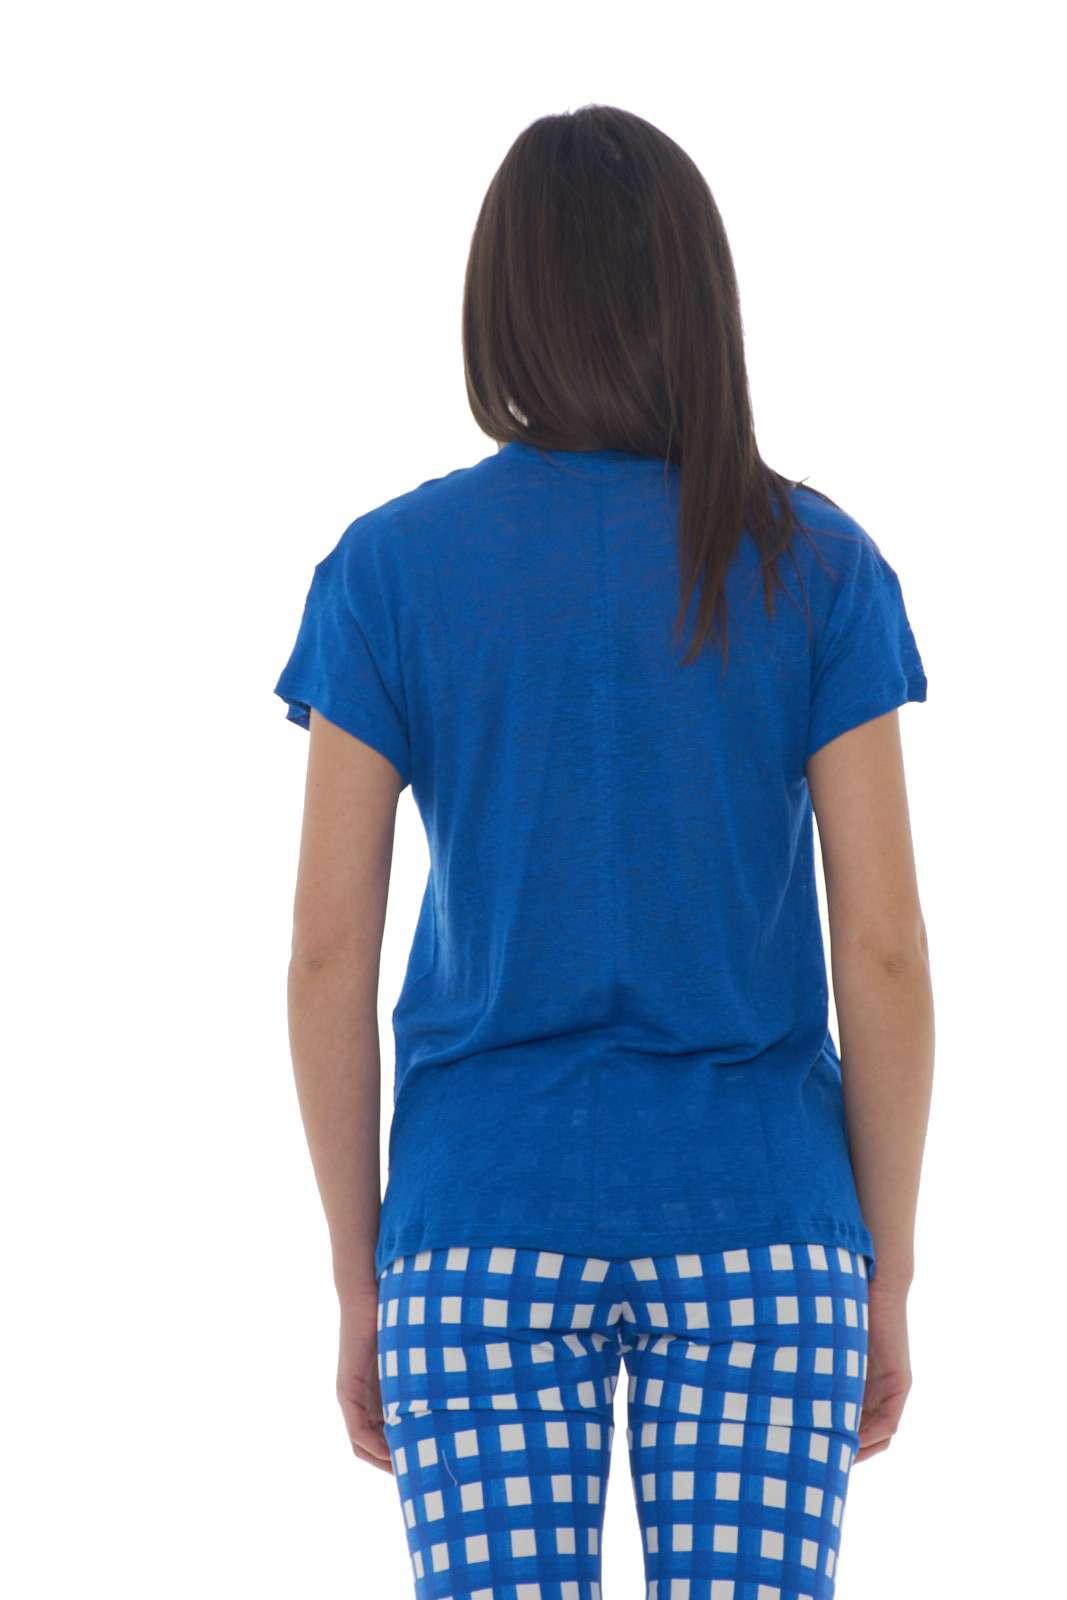 https://www.parmax.com/media/catalog/product/a/i/PE-outlet_parmax-t-shirt-donna-MaxMara-59710101-C.jpg